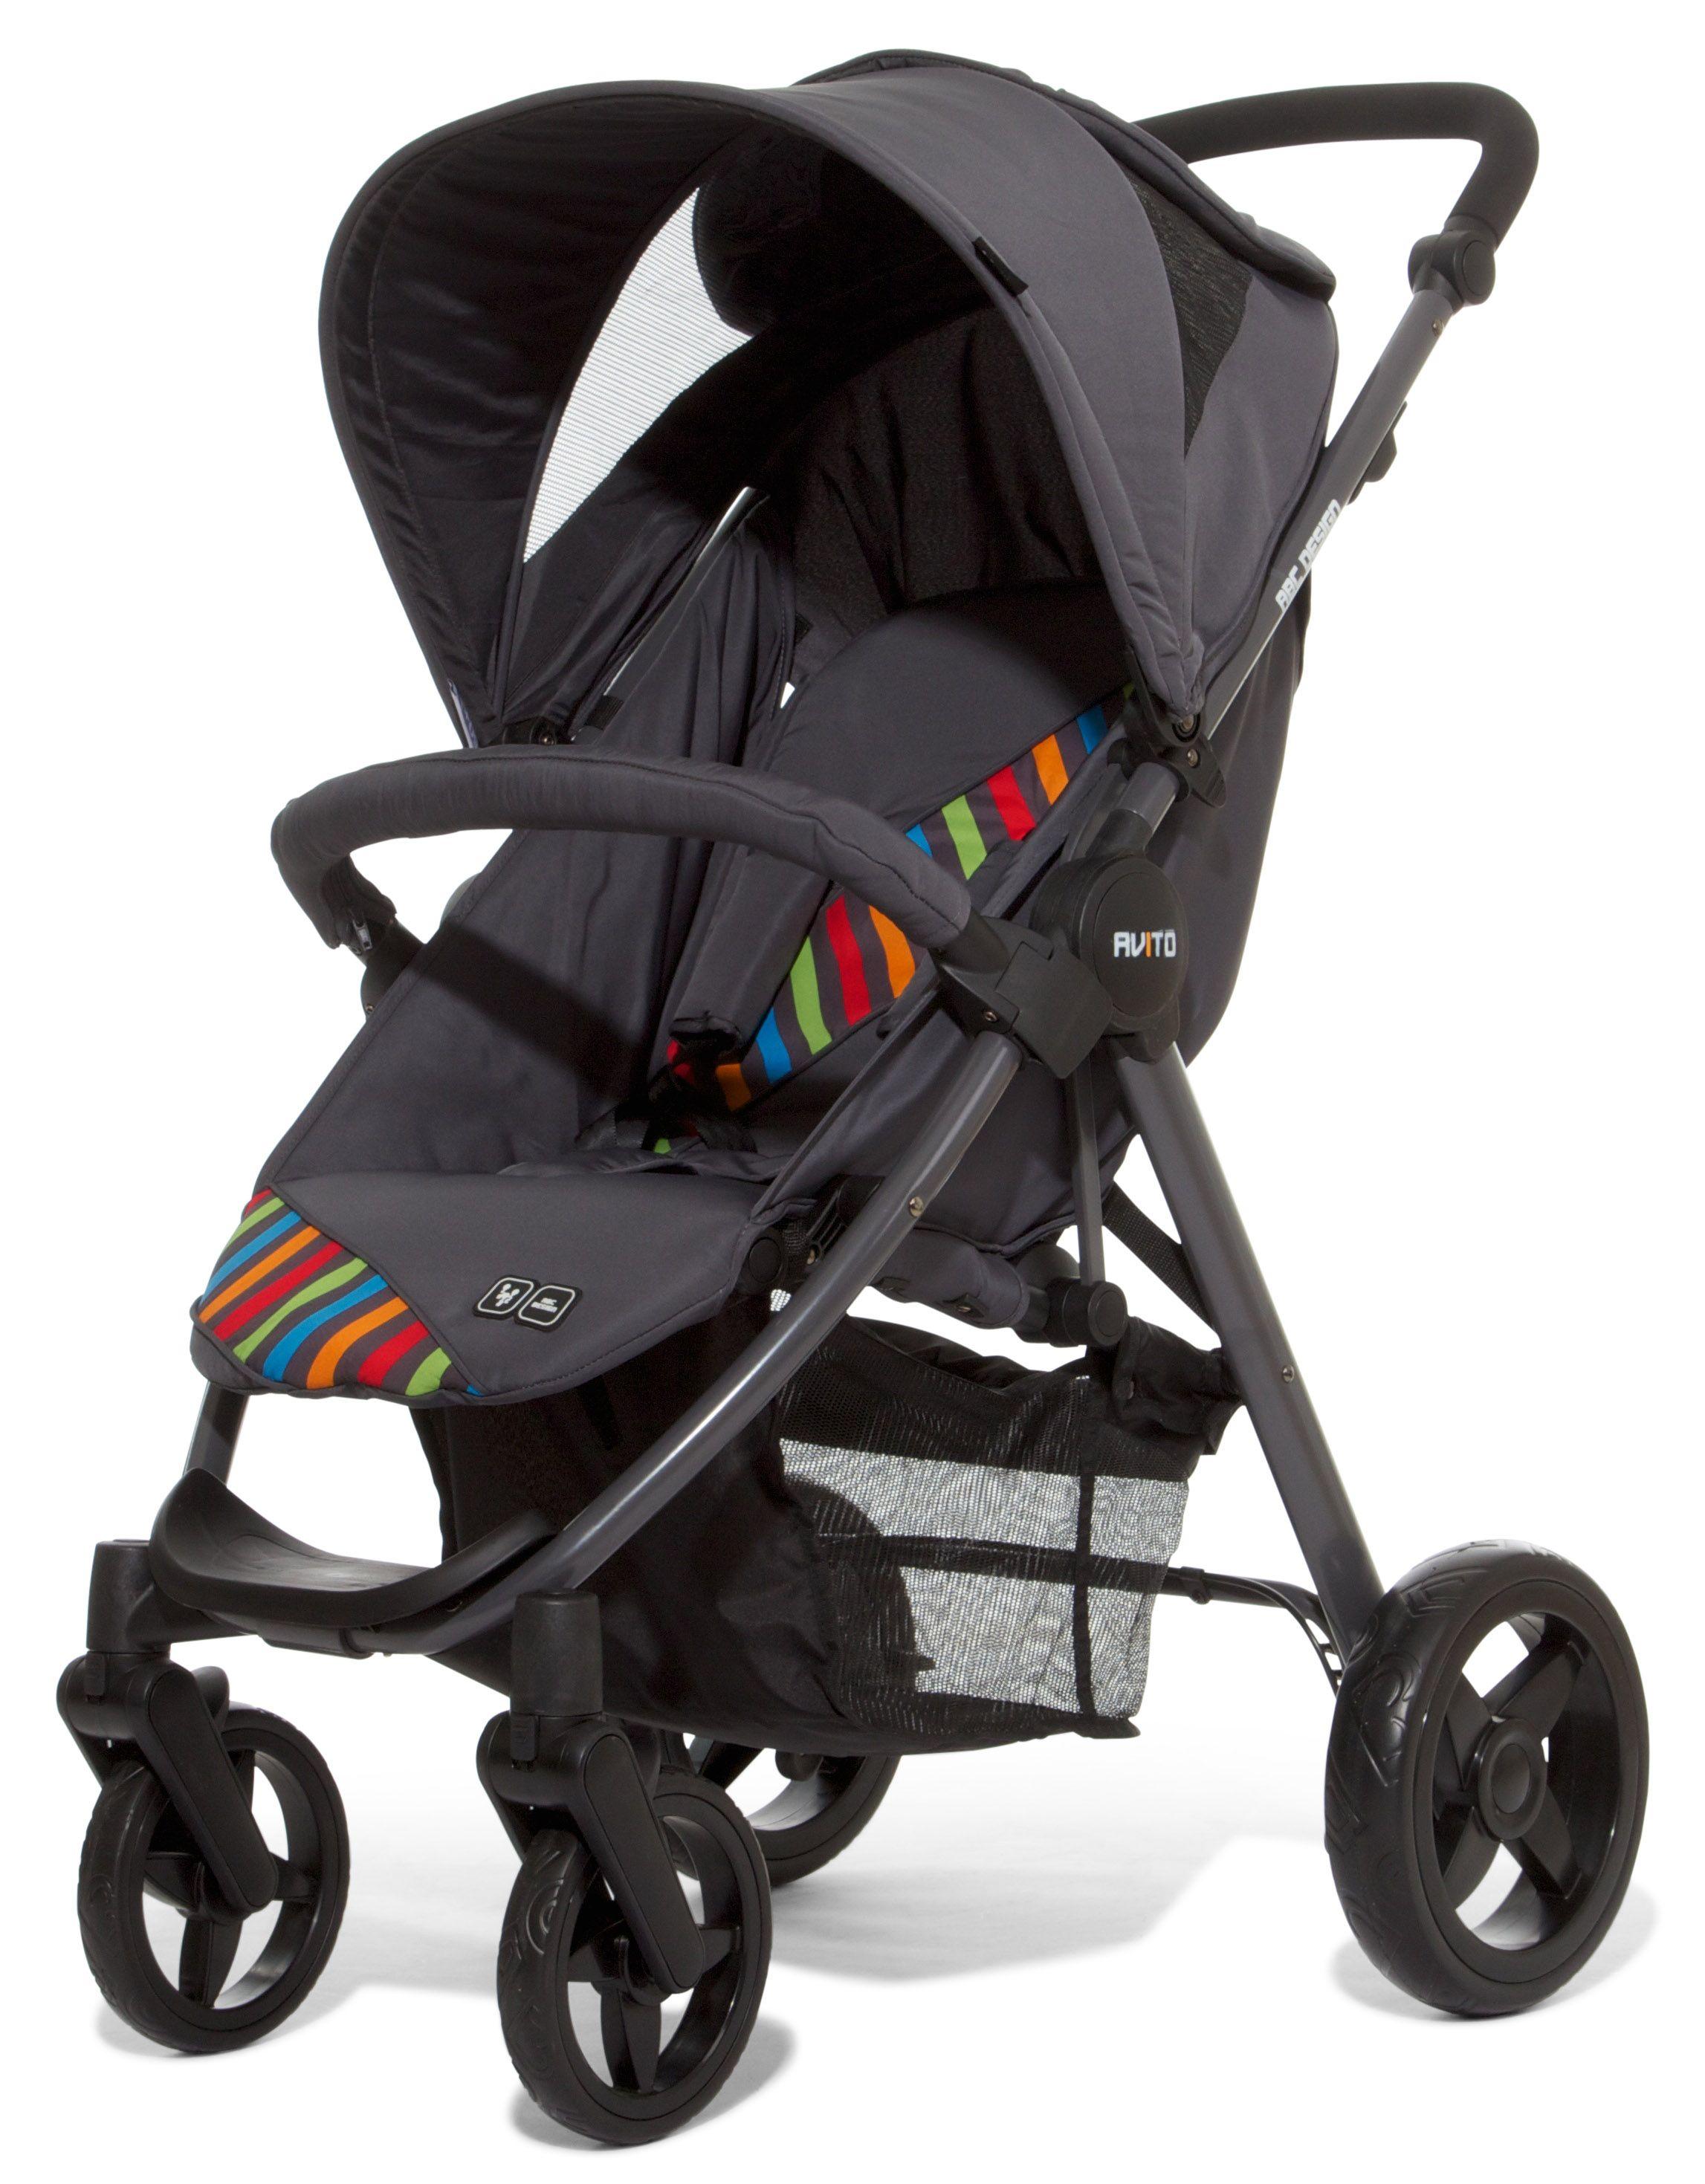 Avito Multicolor Leve Confortavel E Compacto Abc Design Www Bebaby Com Br Carrinho Para Bebe Design Confortavel